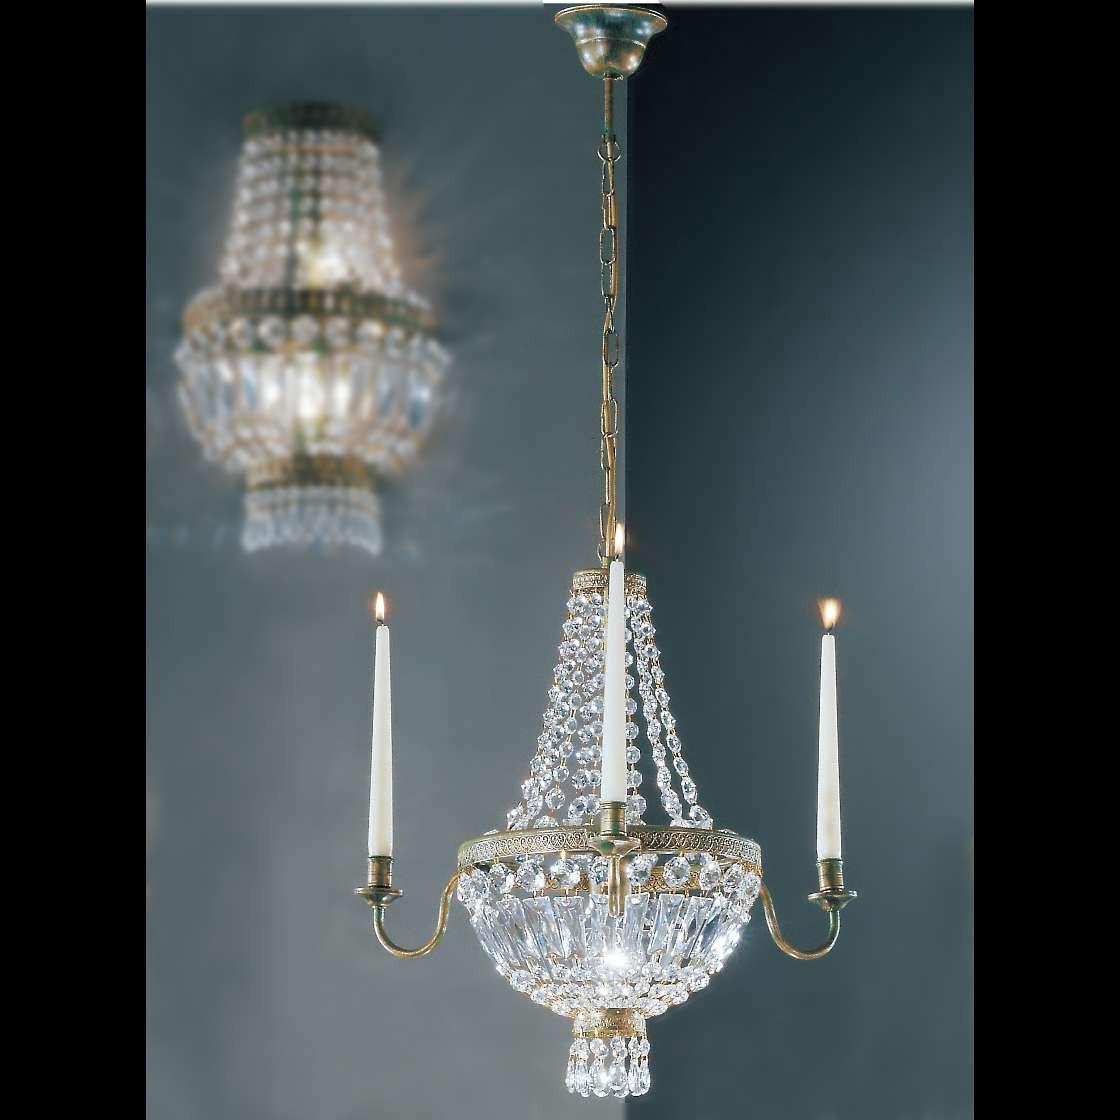 kronleuchter kristall preisvergleich die besten angebote online kaufen. Black Bedroom Furniture Sets. Home Design Ideas